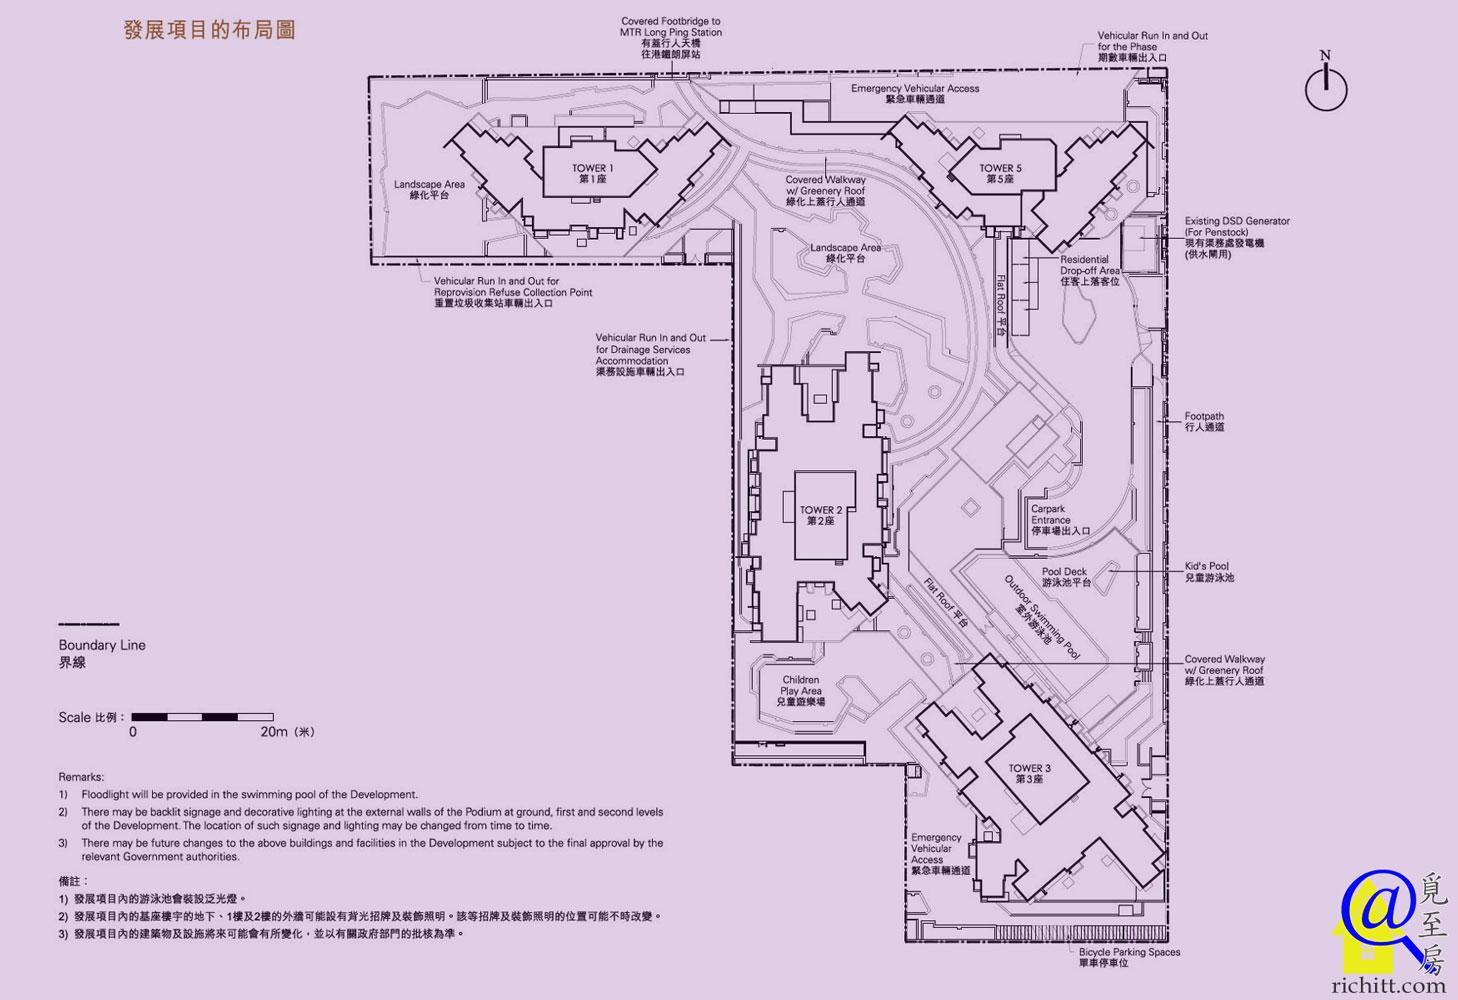 朗城滙佈局圖